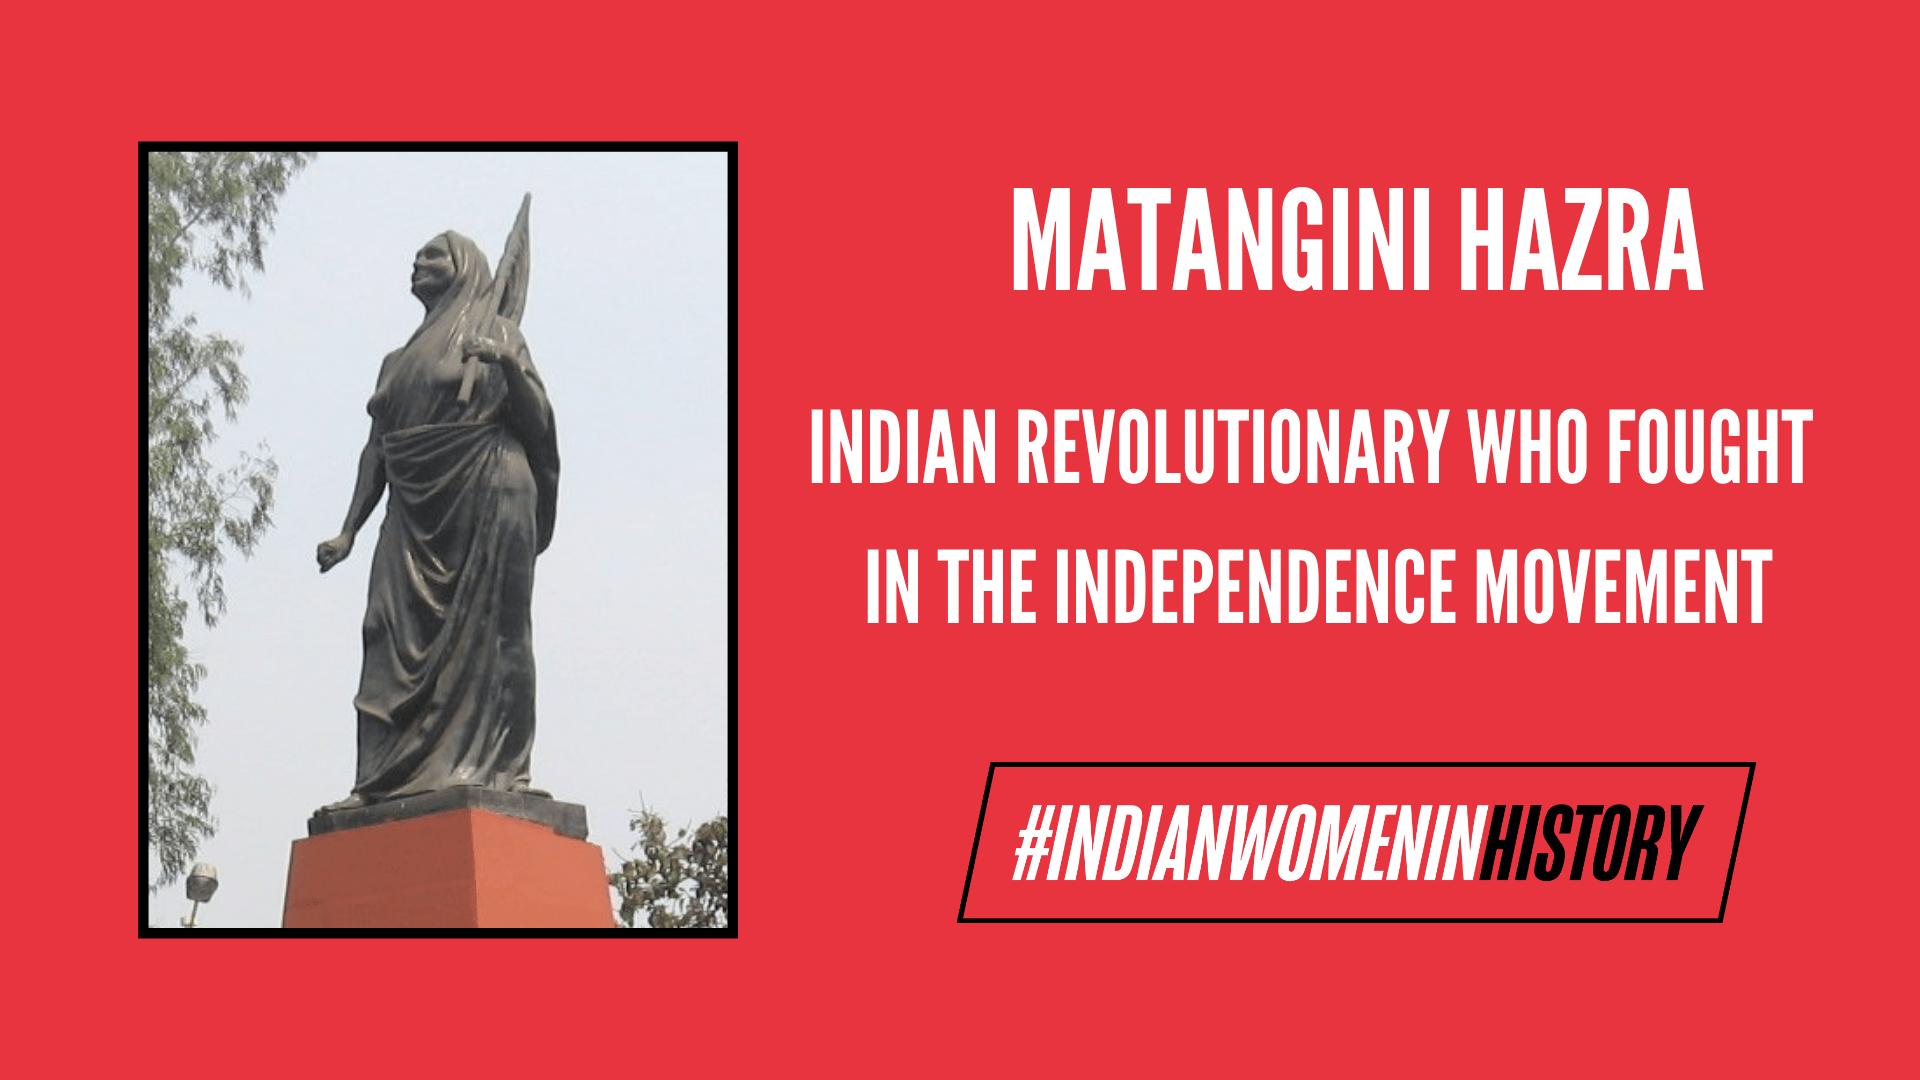 Matangini Hazra And Her Sacrifice For India's Freedom | #IndianWomenInHistory